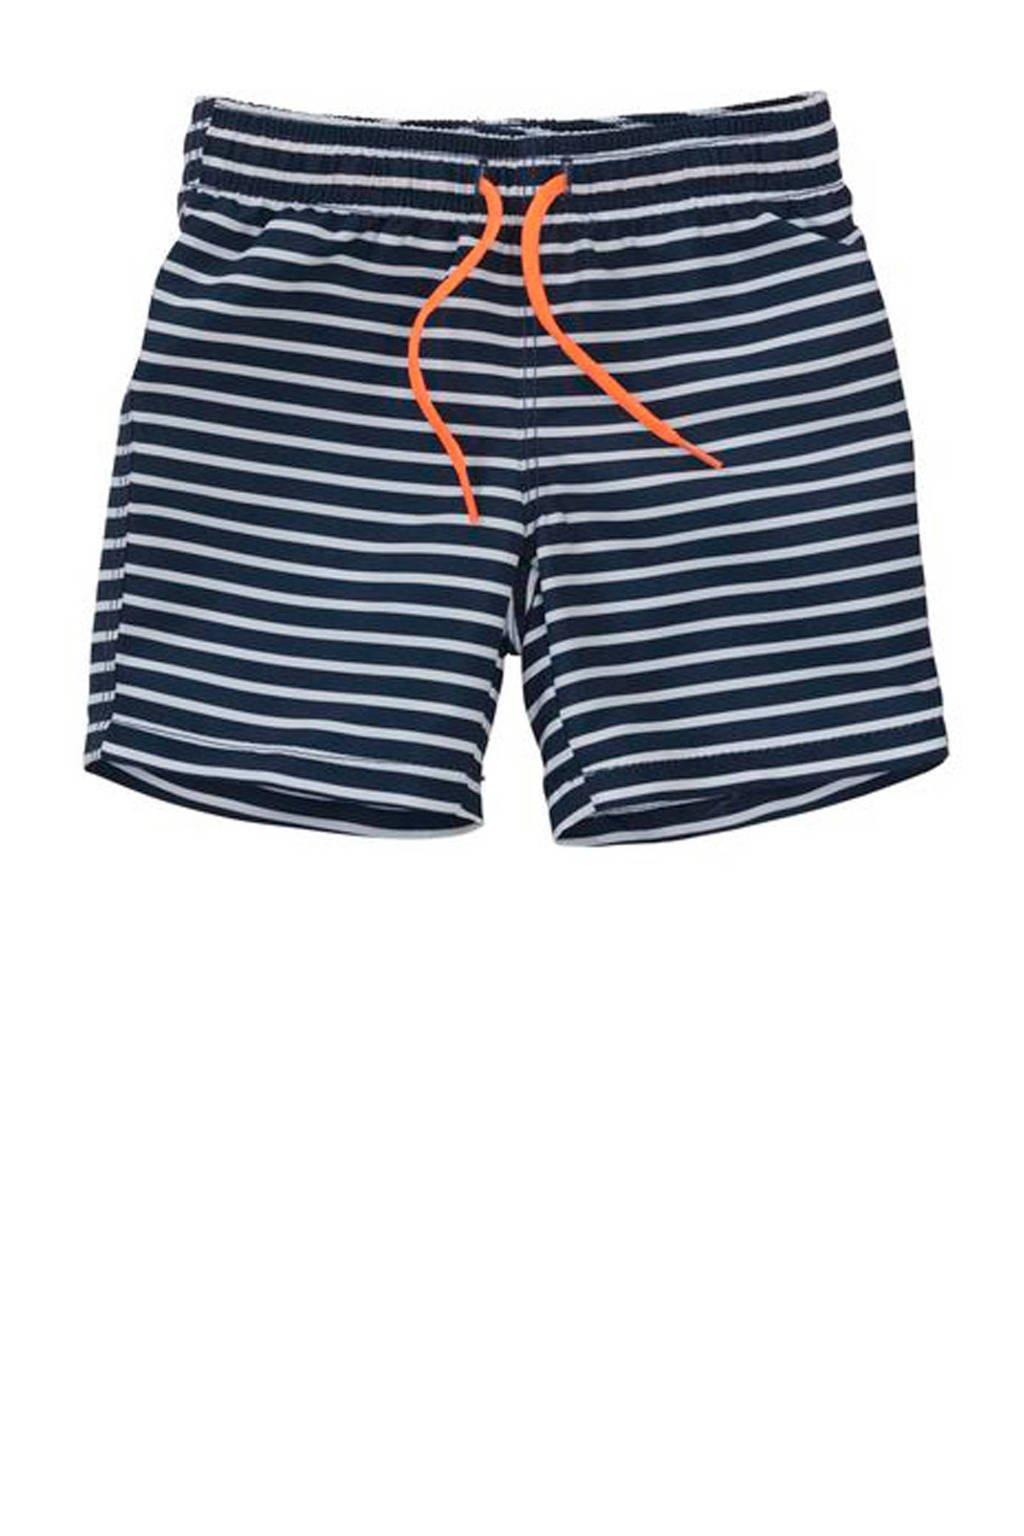 HEMA gestreepte zwemshort blauw, Donkerblauw/wit